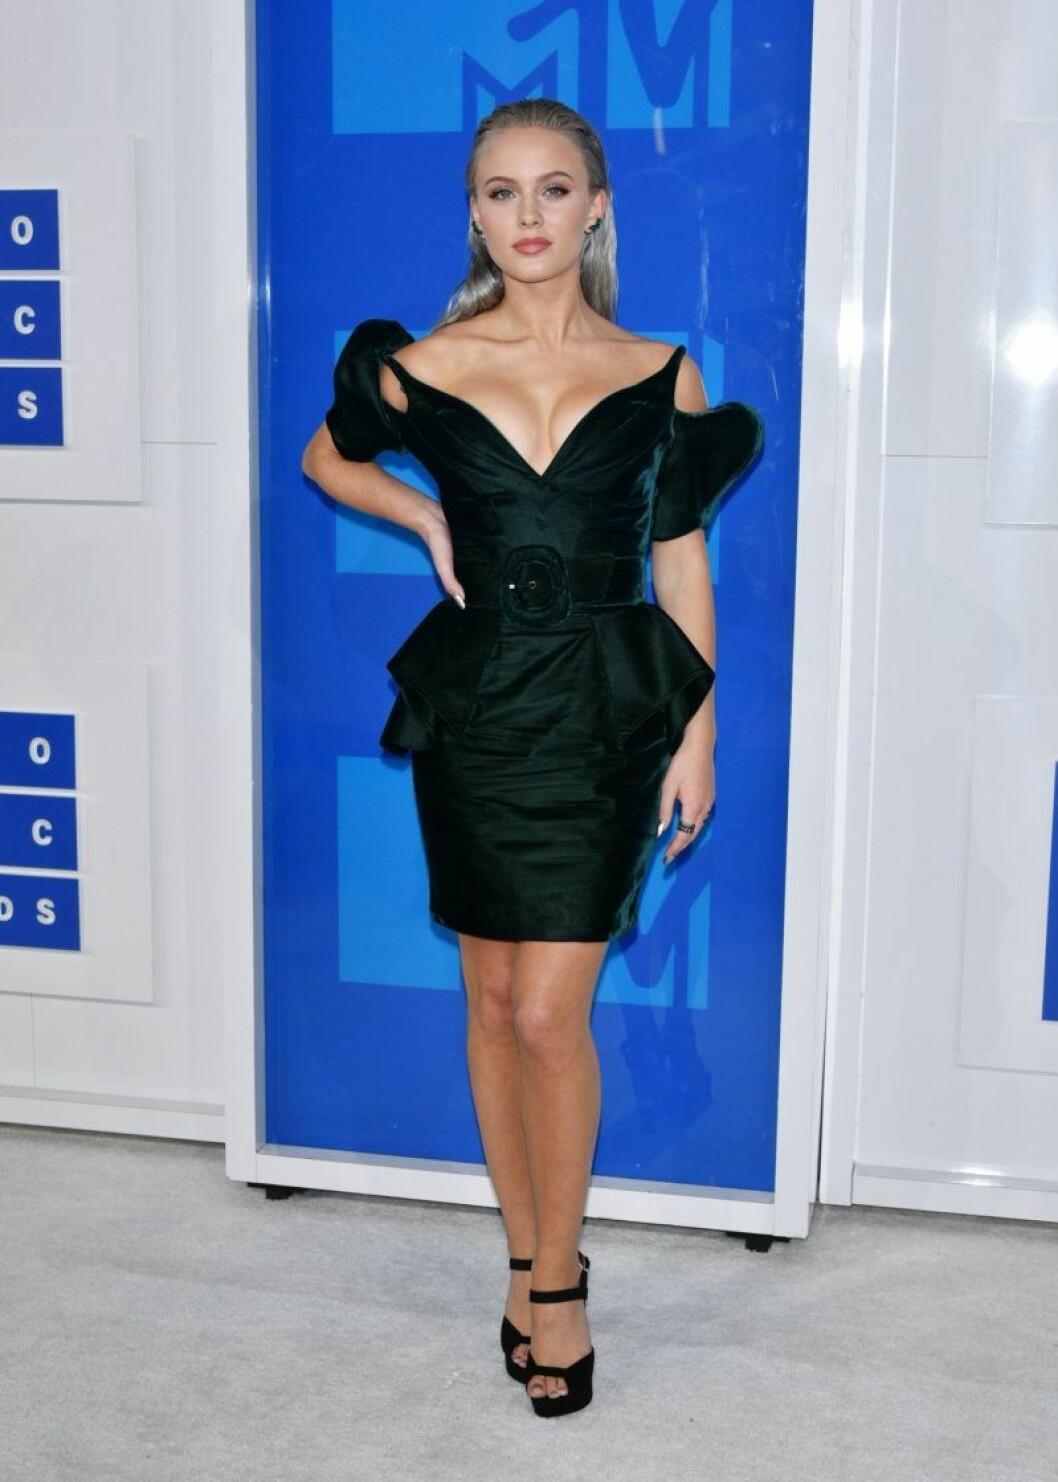 Zara Larsson i svart klänning